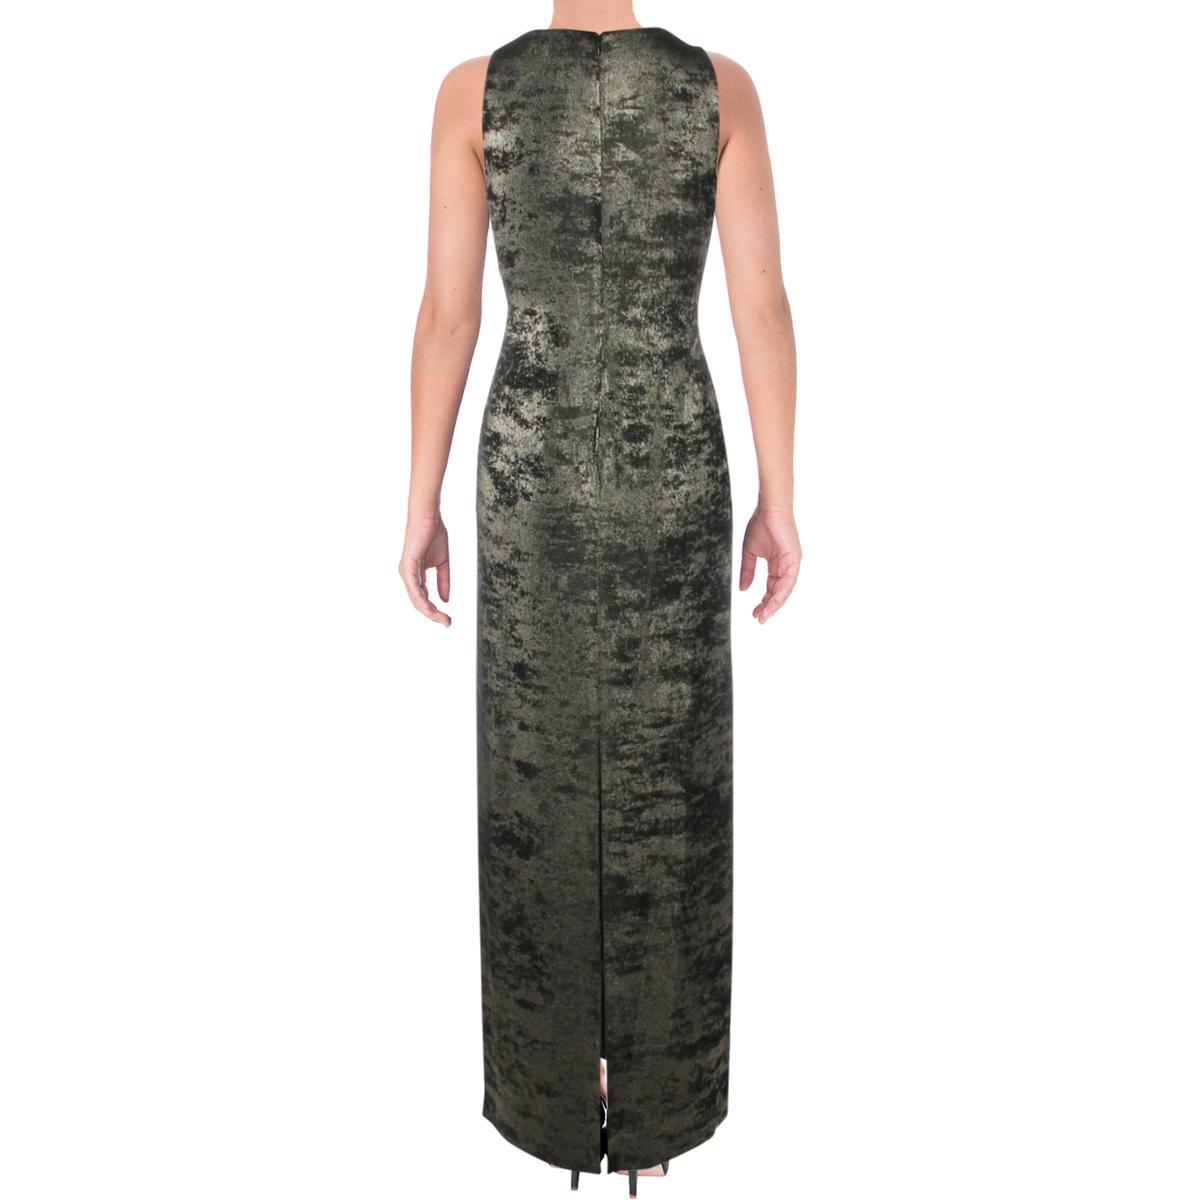 Lauren Ralph Lauren Womens Metallic Surplice Formal Evening Dress Gown BHFO 5336